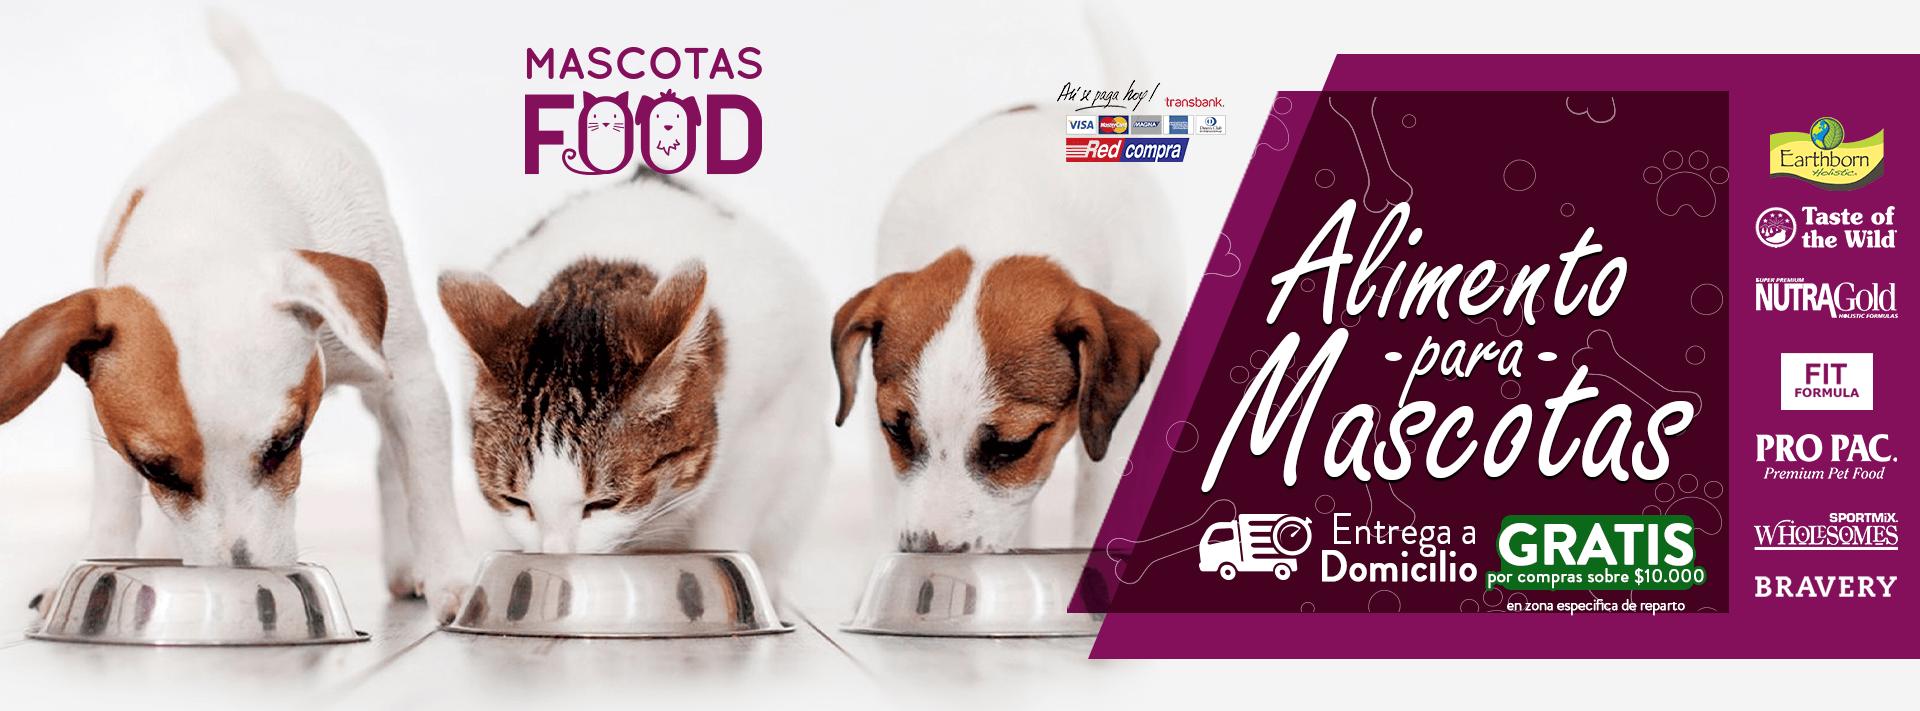 Mascotas Food Despacho gratis compras sobre $10.000